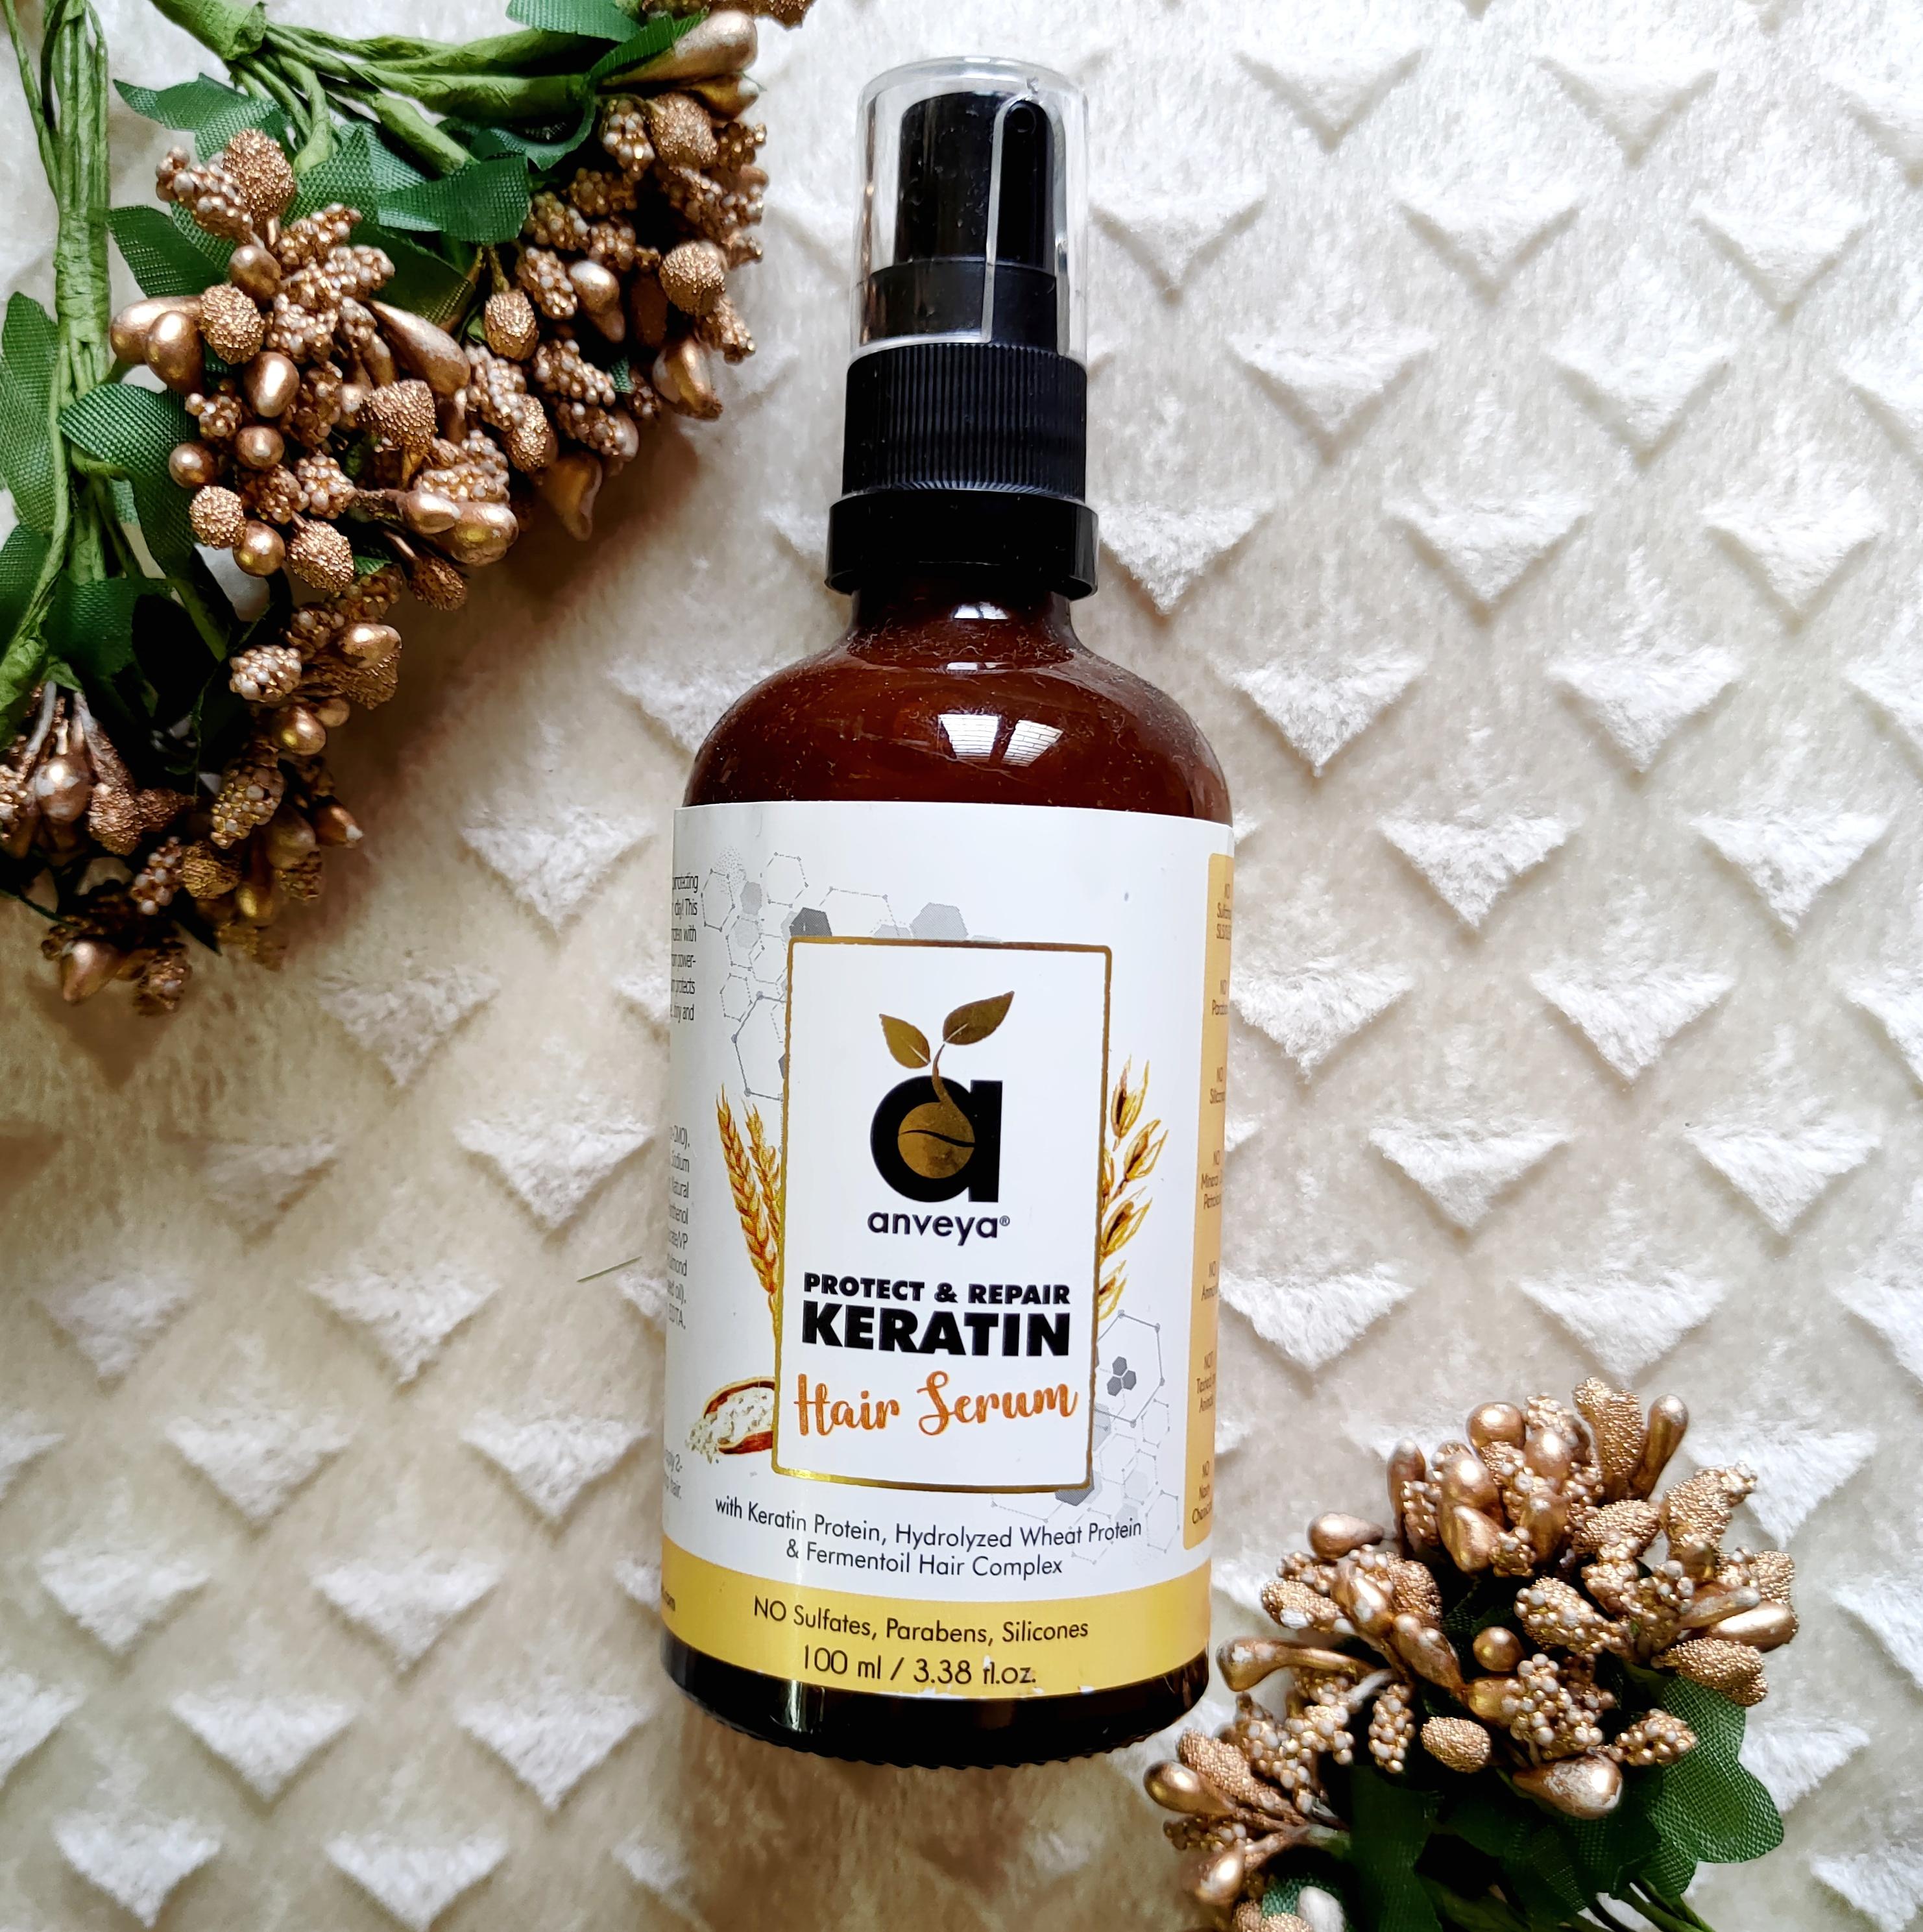 Anveya Protect & Repair Keratin Hair Serum Review